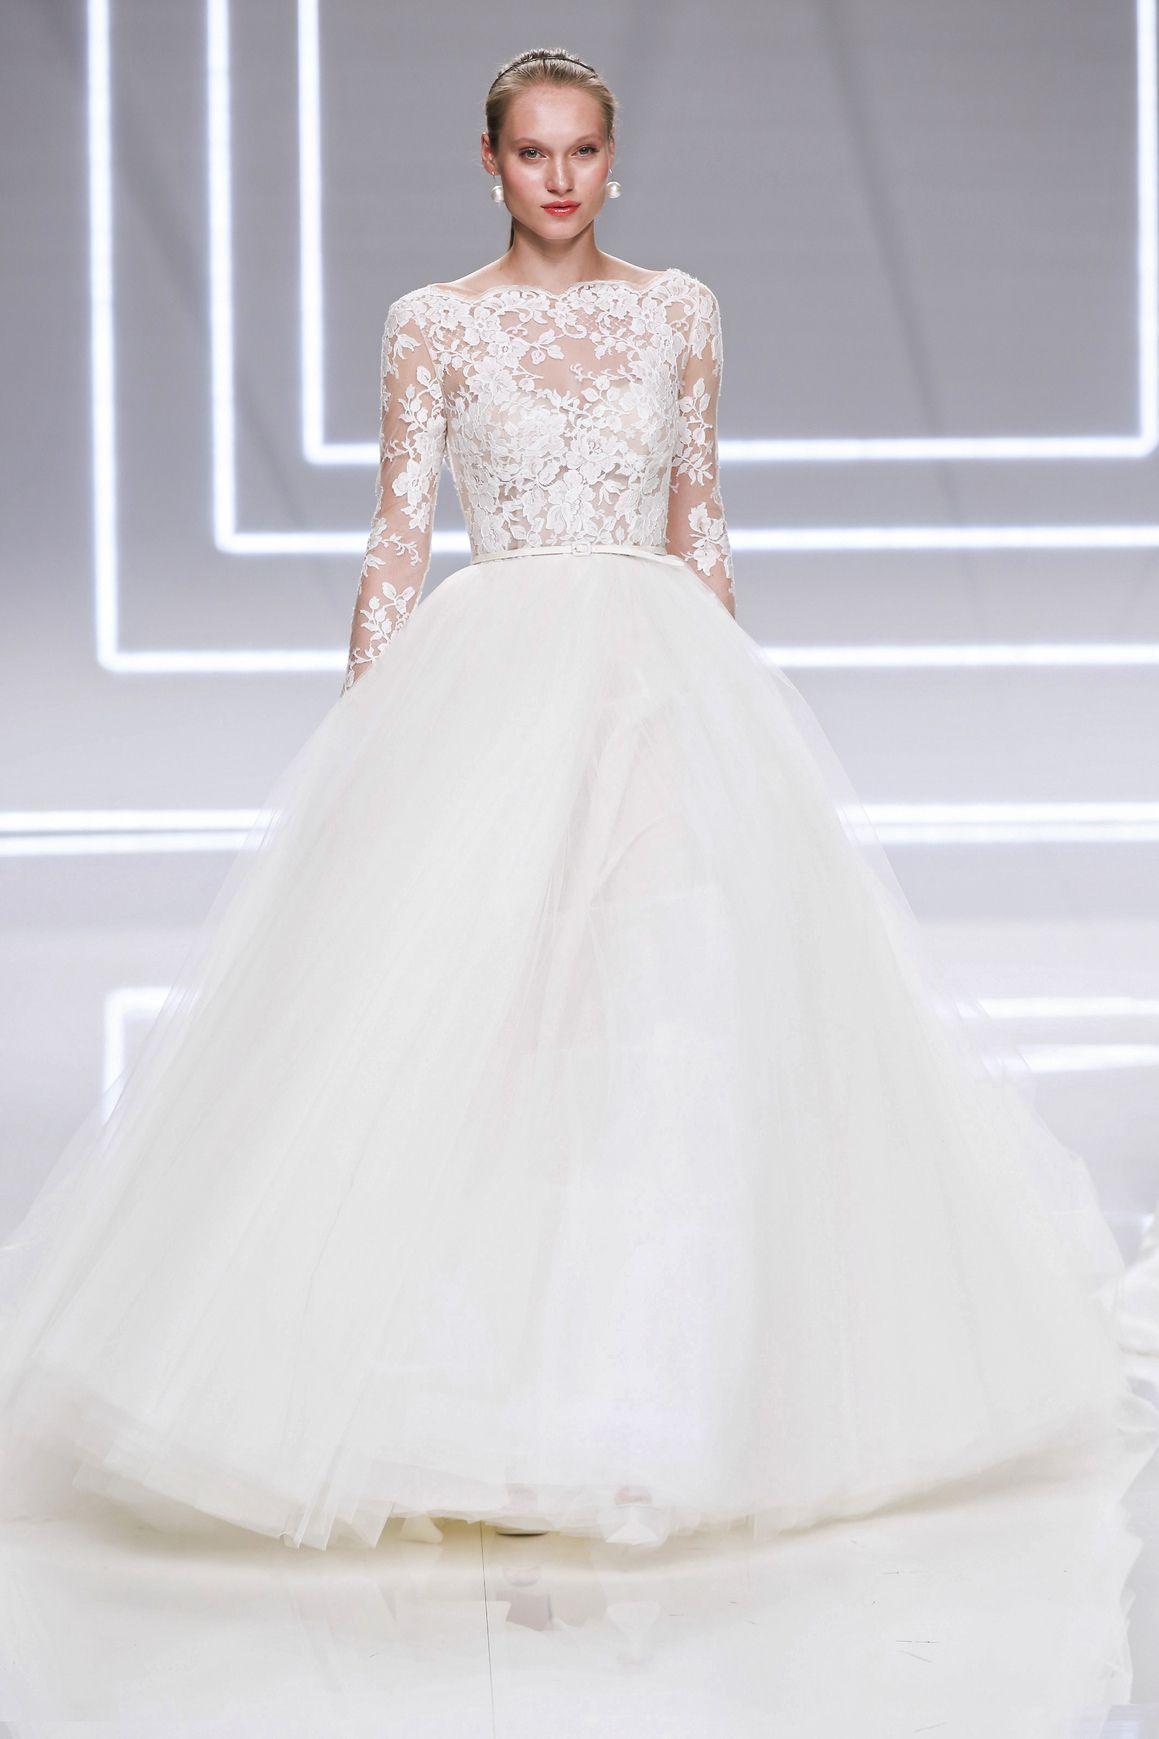 Marche di abiti da sposa italiani – Abiti alla moda c6c3abfa9a9